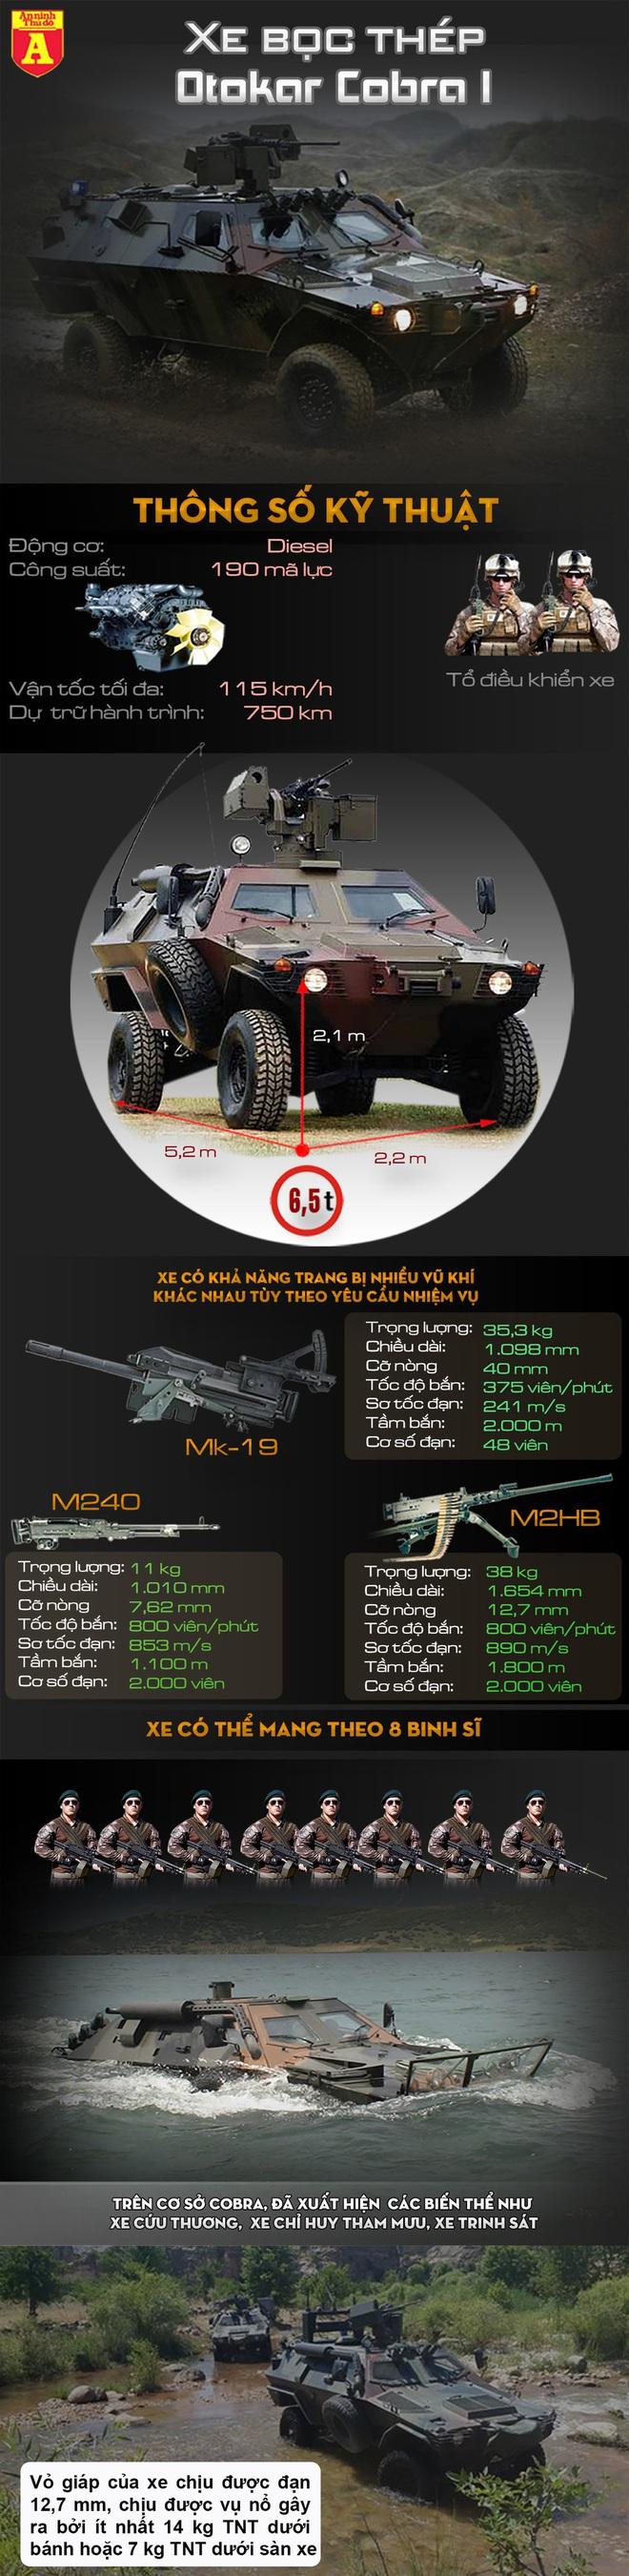 [Info] Chiến binh không mỏi Cobra-I của Thổ Nhĩ Kỳ bị Syria bắn xuyên đầu - ảnh 2